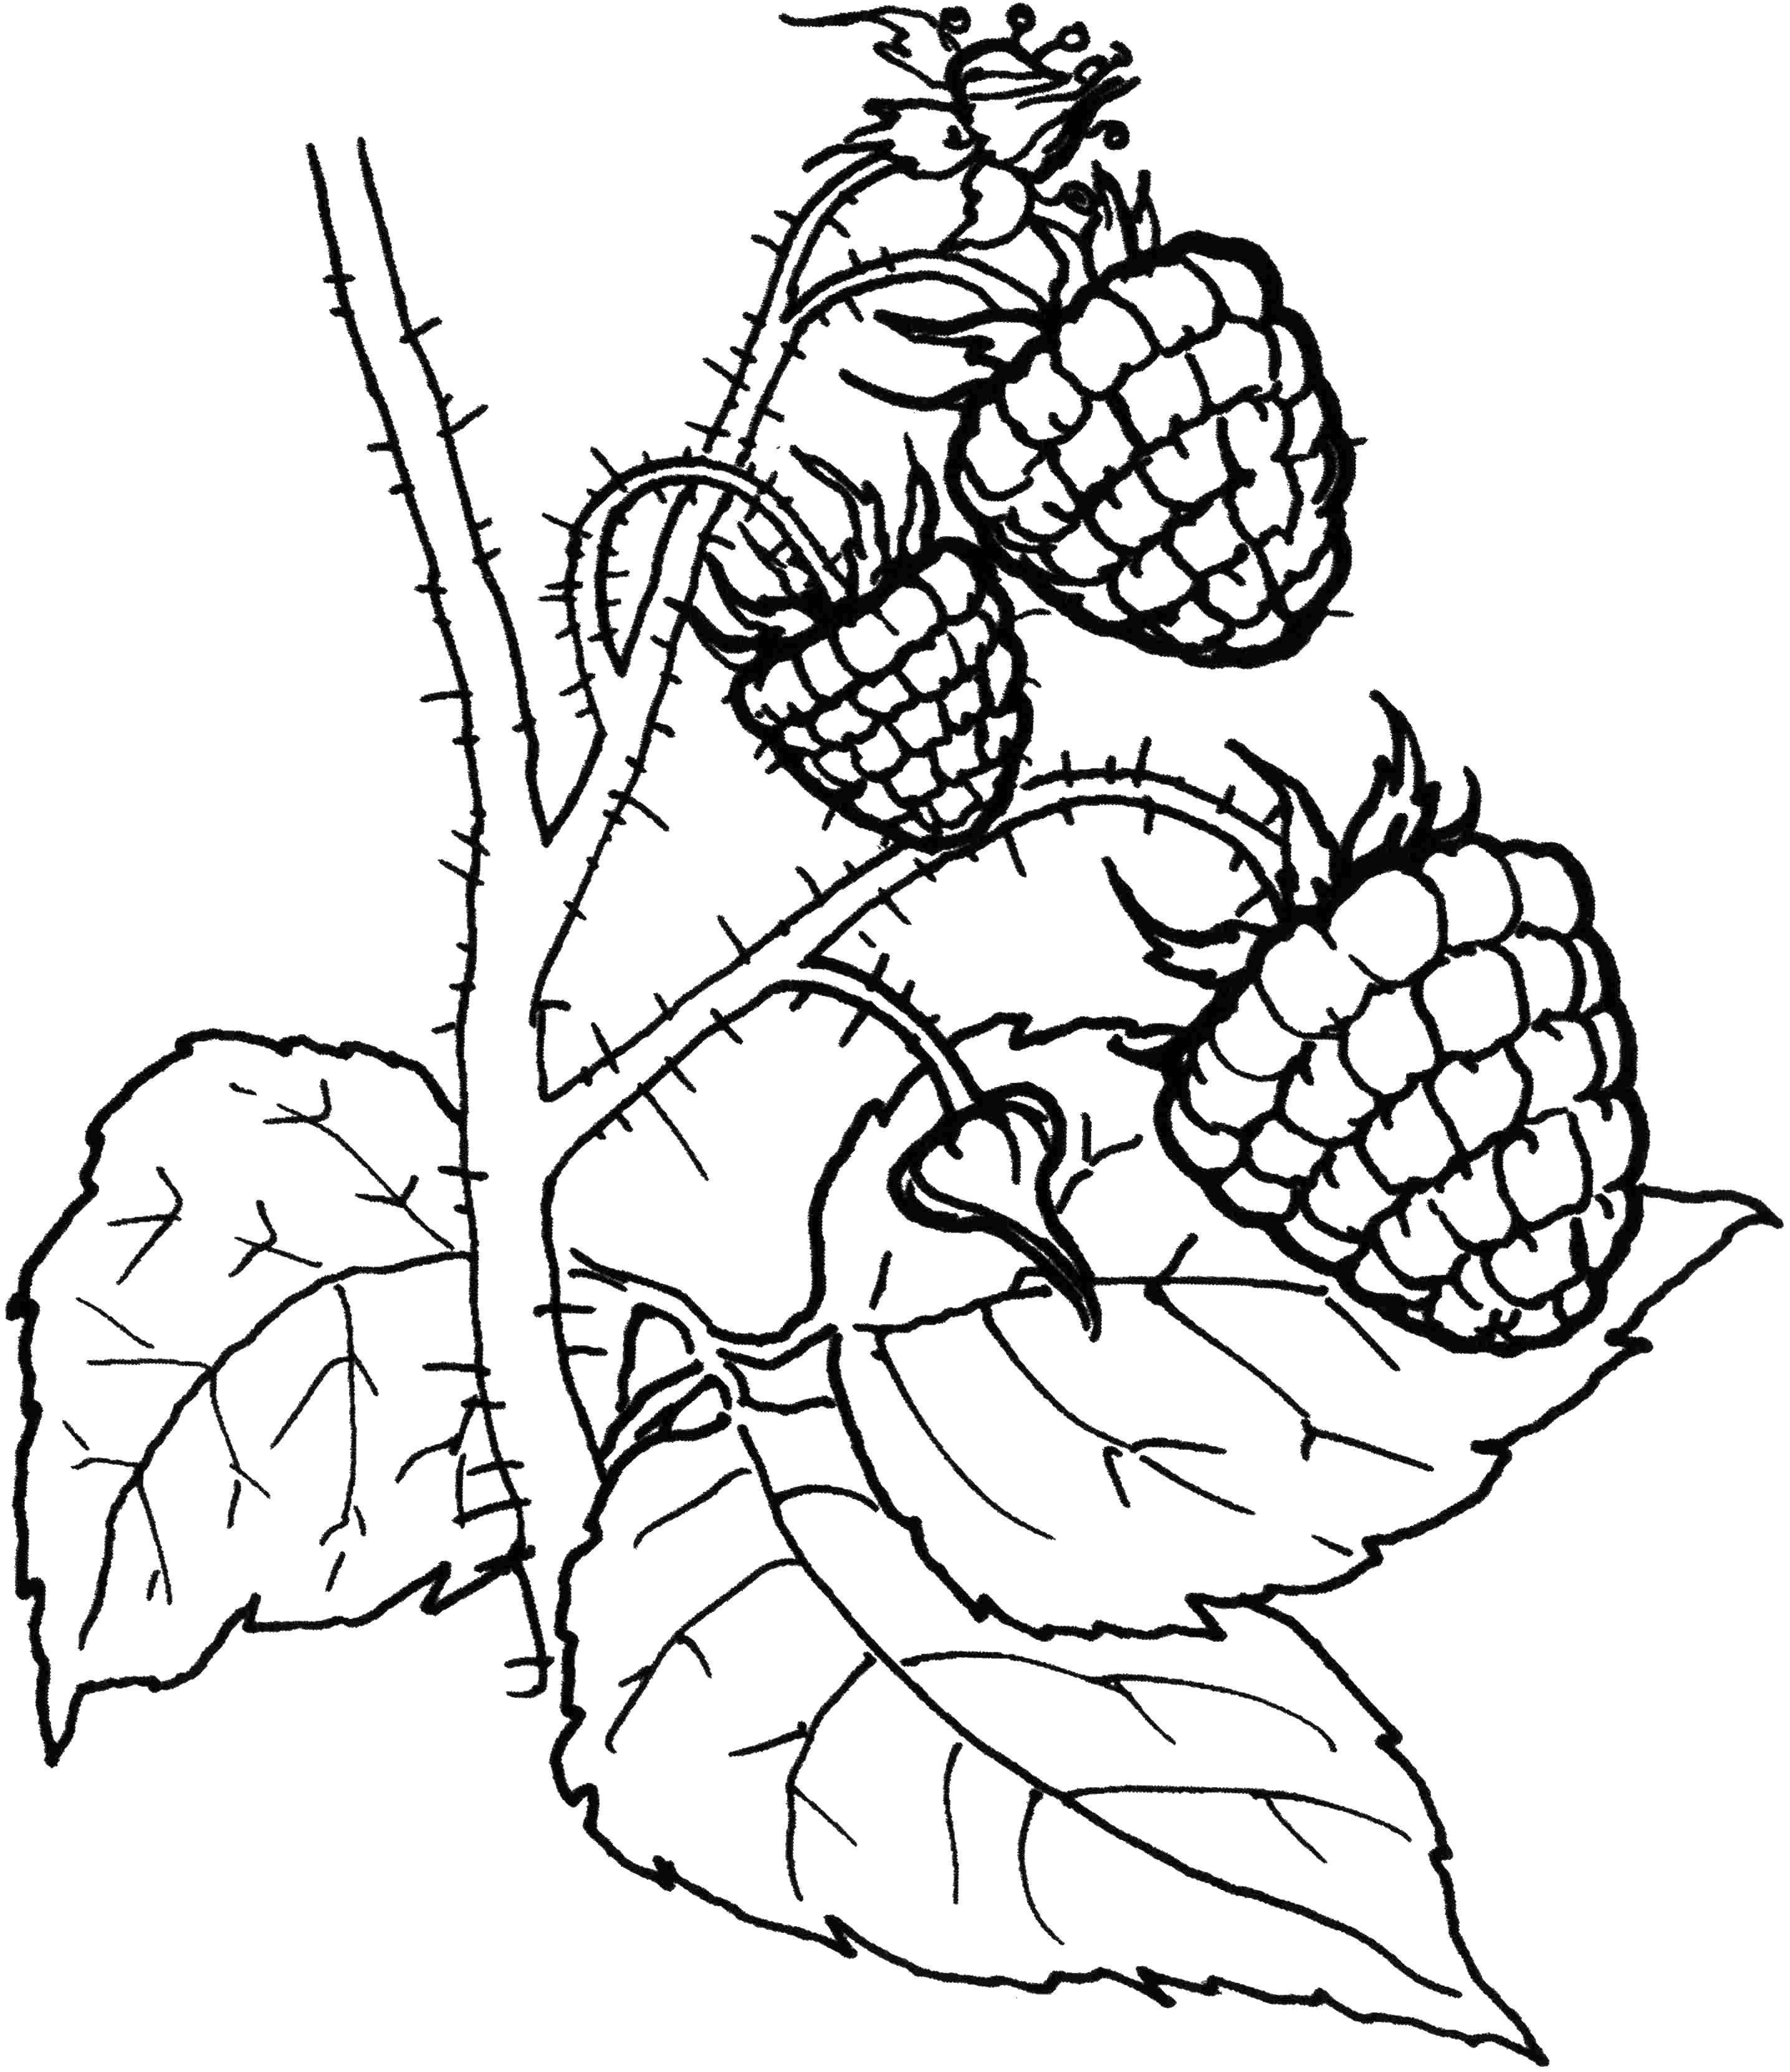 Раскраски фруктов Раскраска Корзина фруктов Фрукты